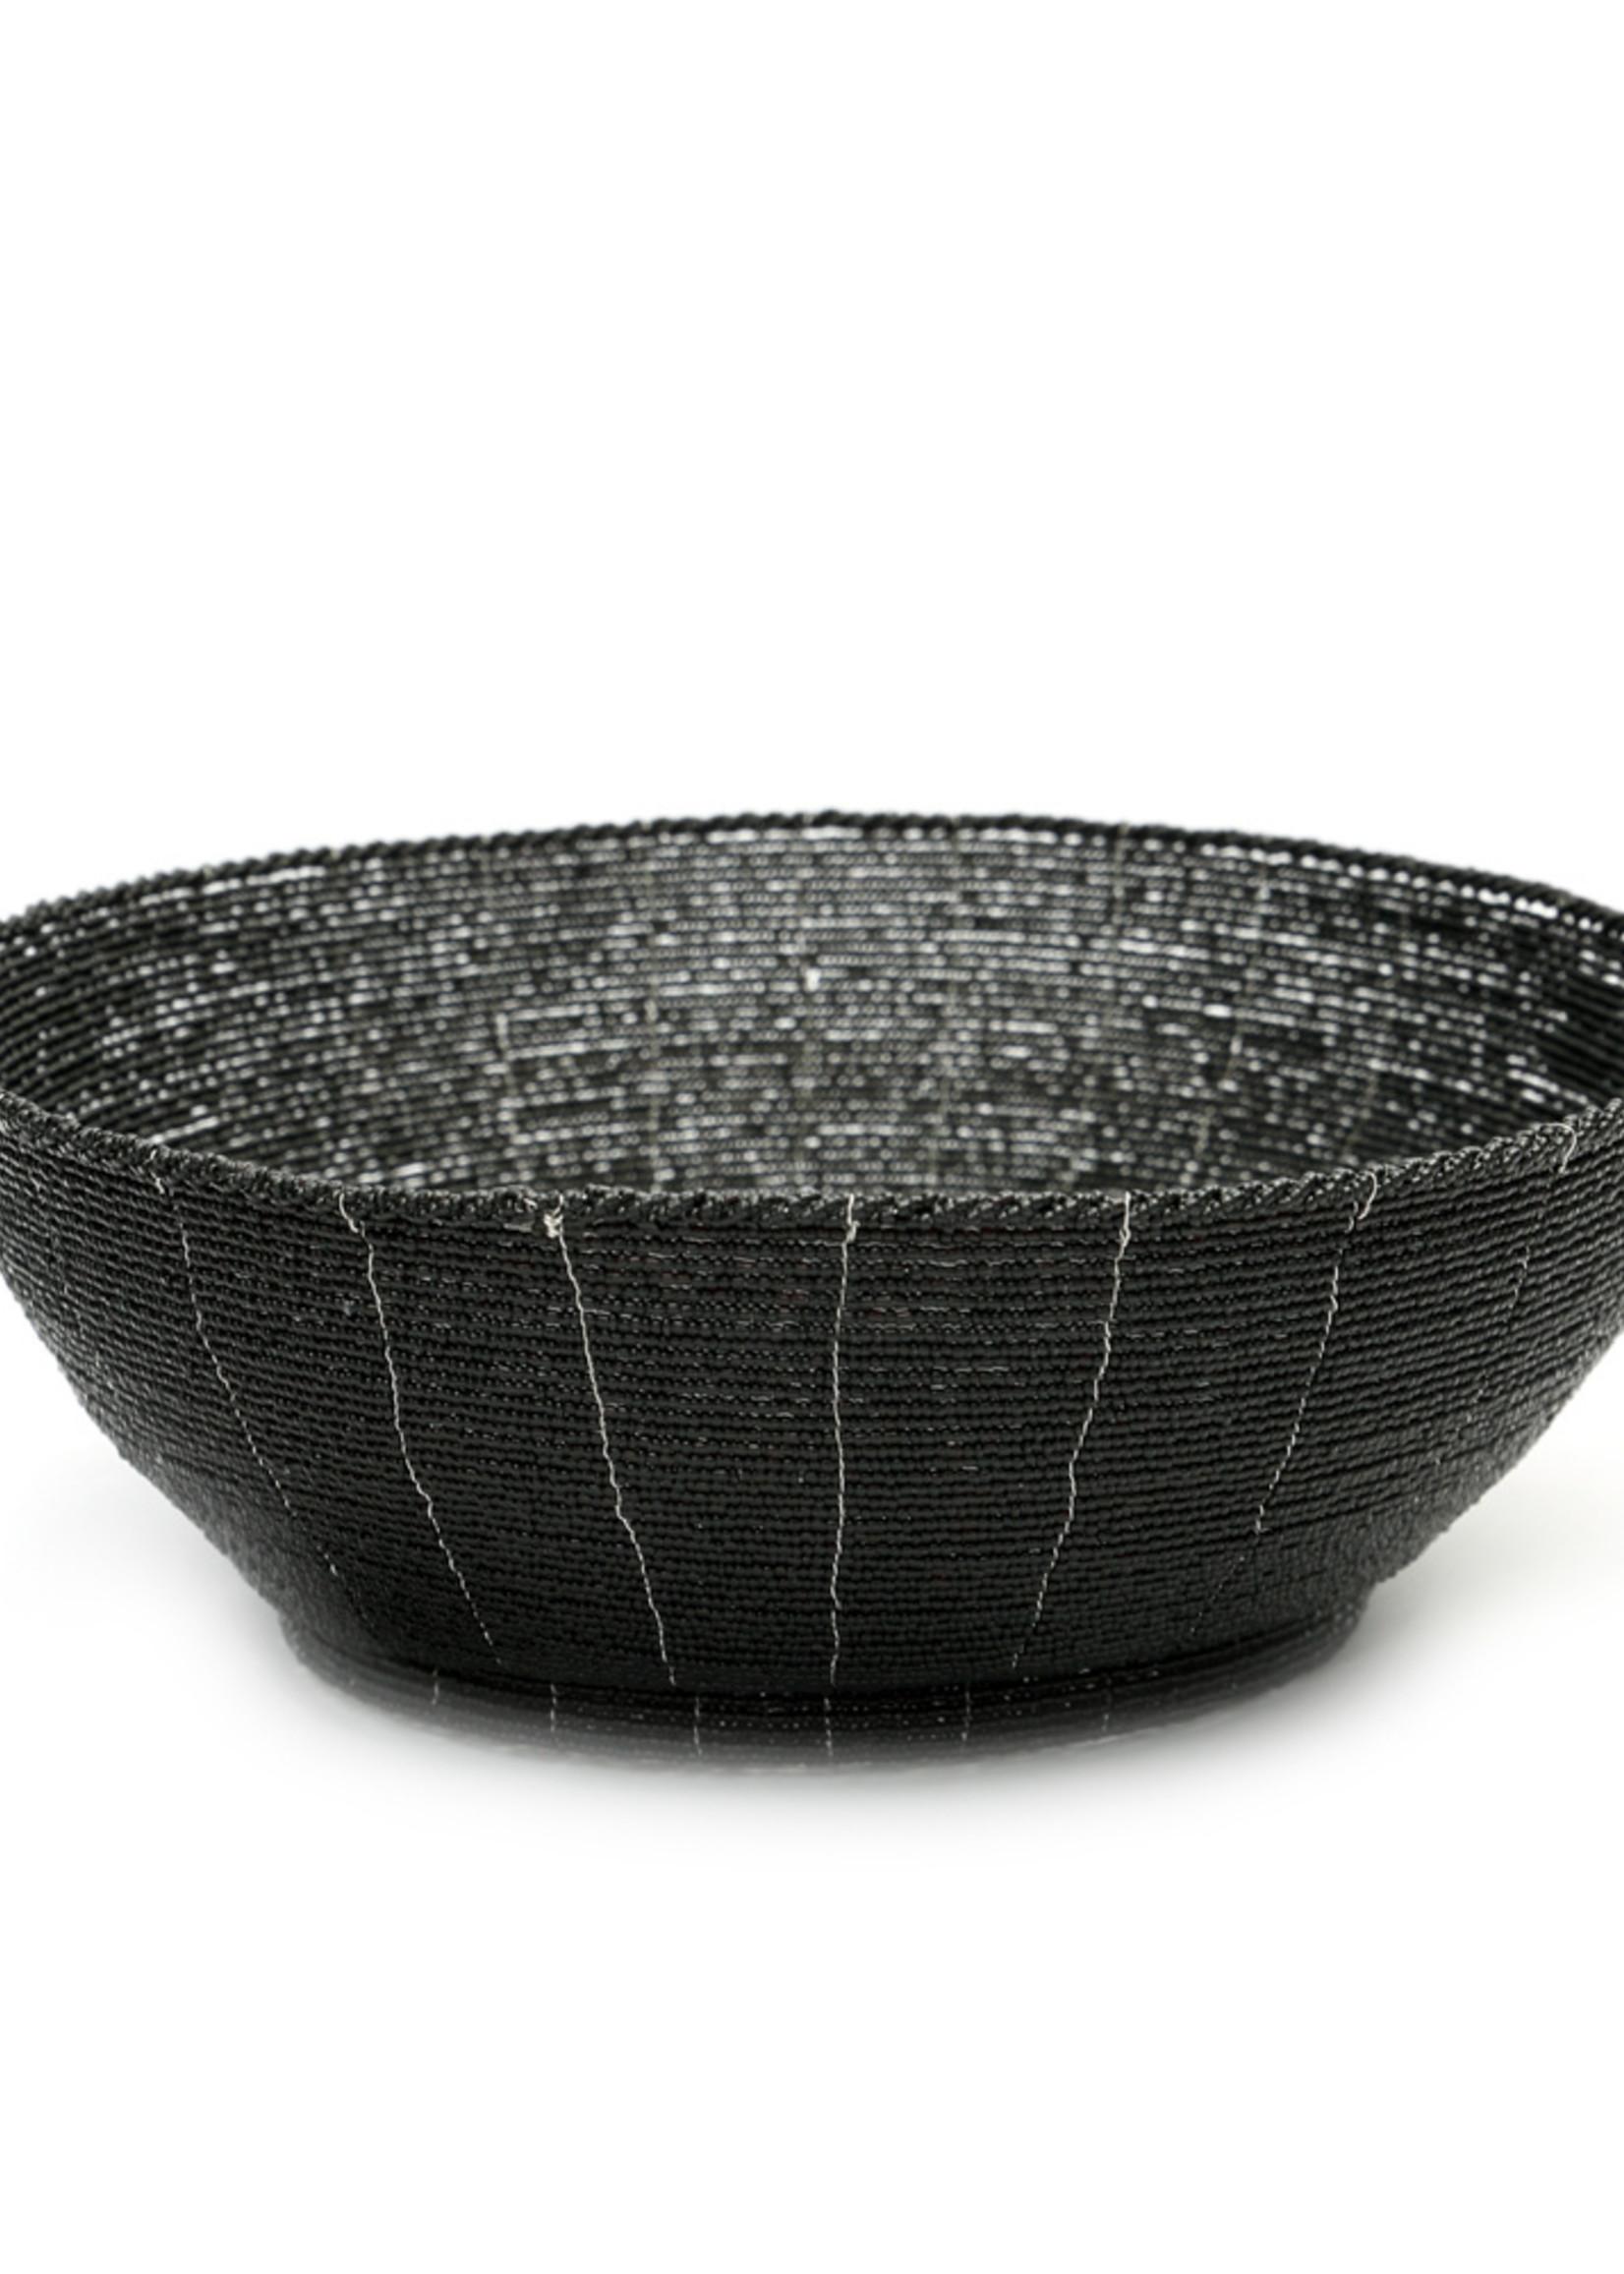 The Beaded Fruit Platter - Black